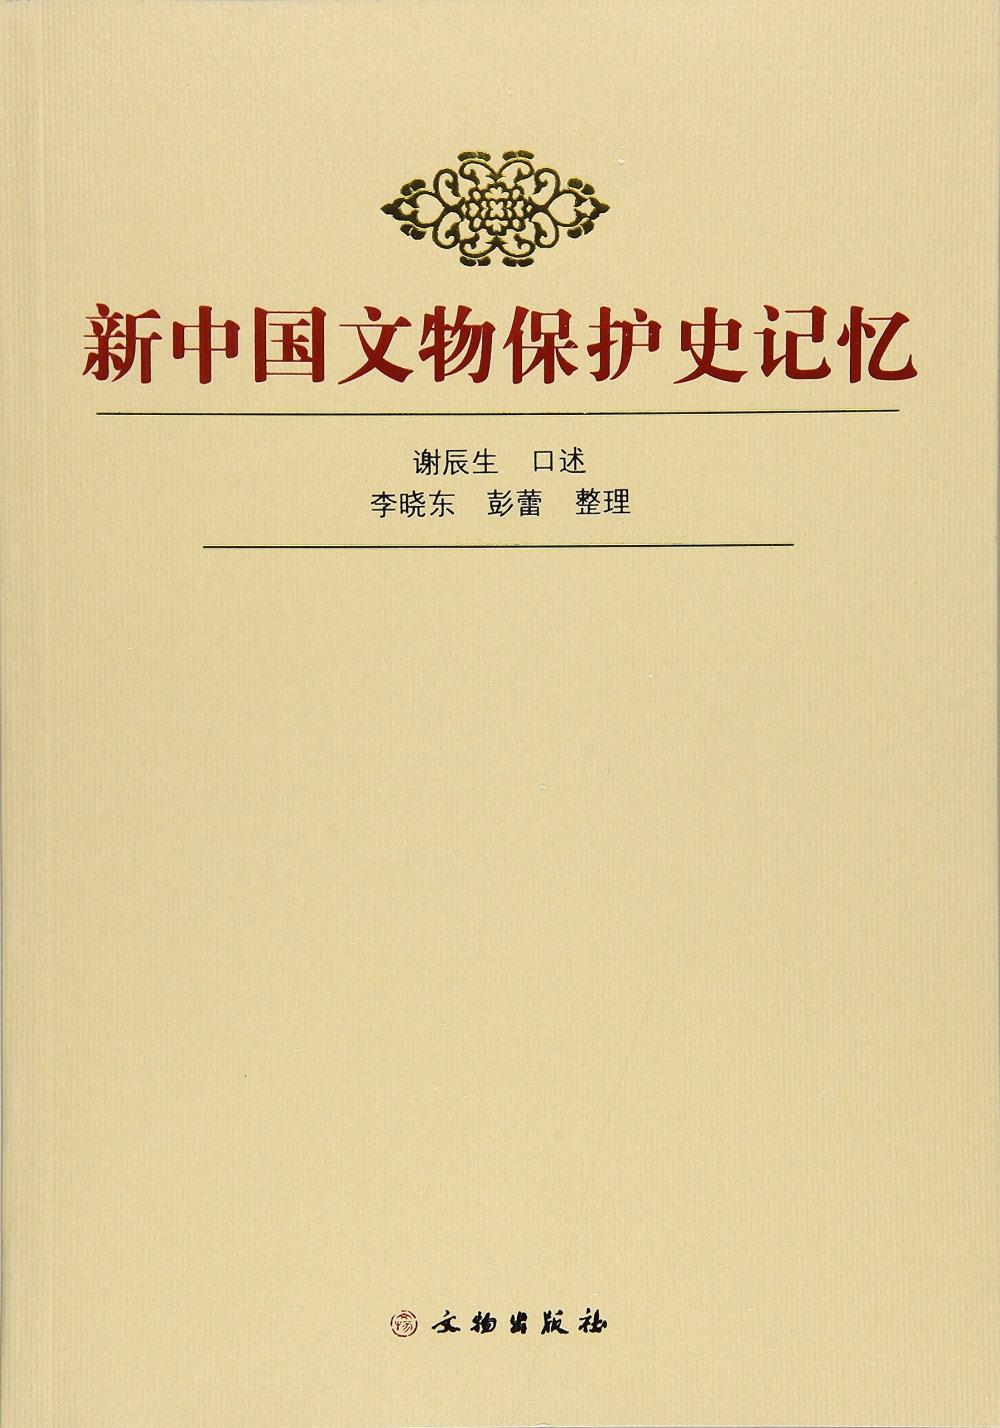 新中國文物保護史記憶